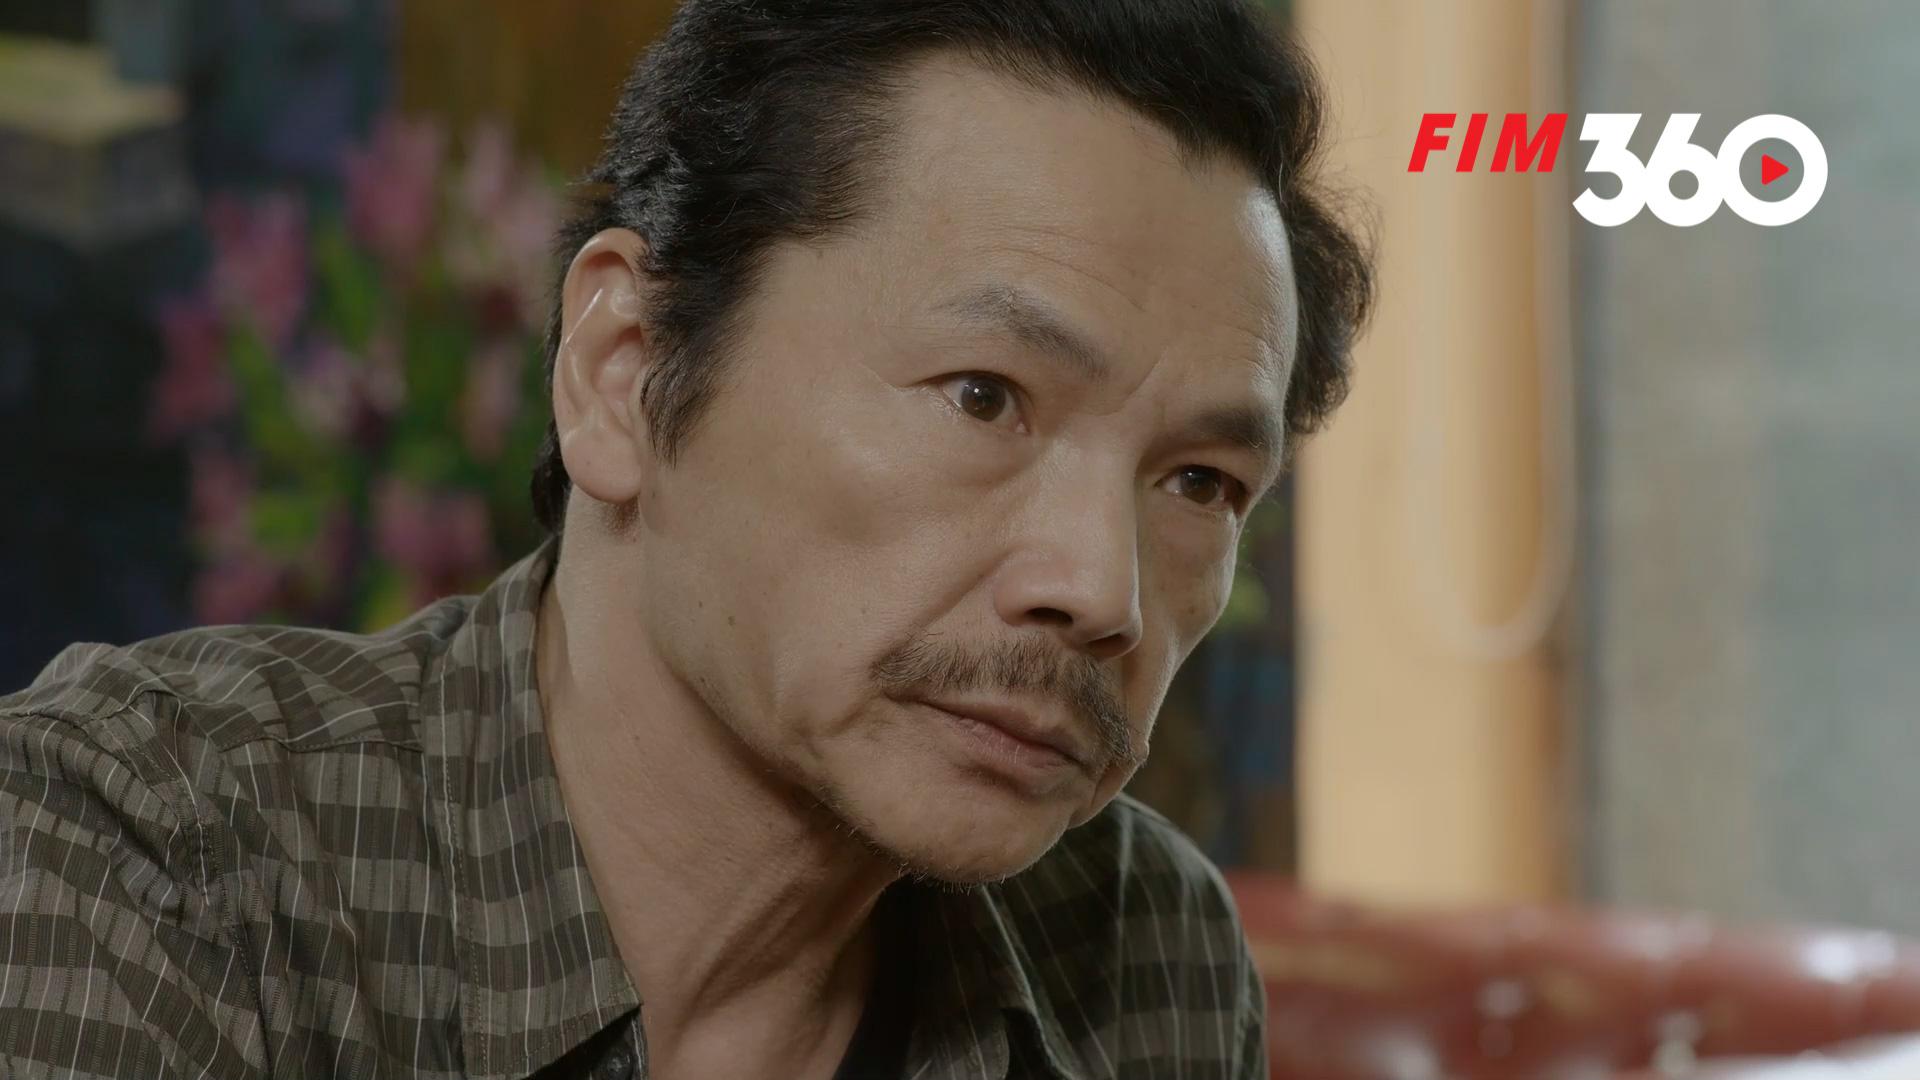 Ông Tôn 'lật bài ngửa', tuyên bố Huấn không thể cướp lấy Hà Vy trong tập 36 'Mặt nạ hạnh phúc' 4